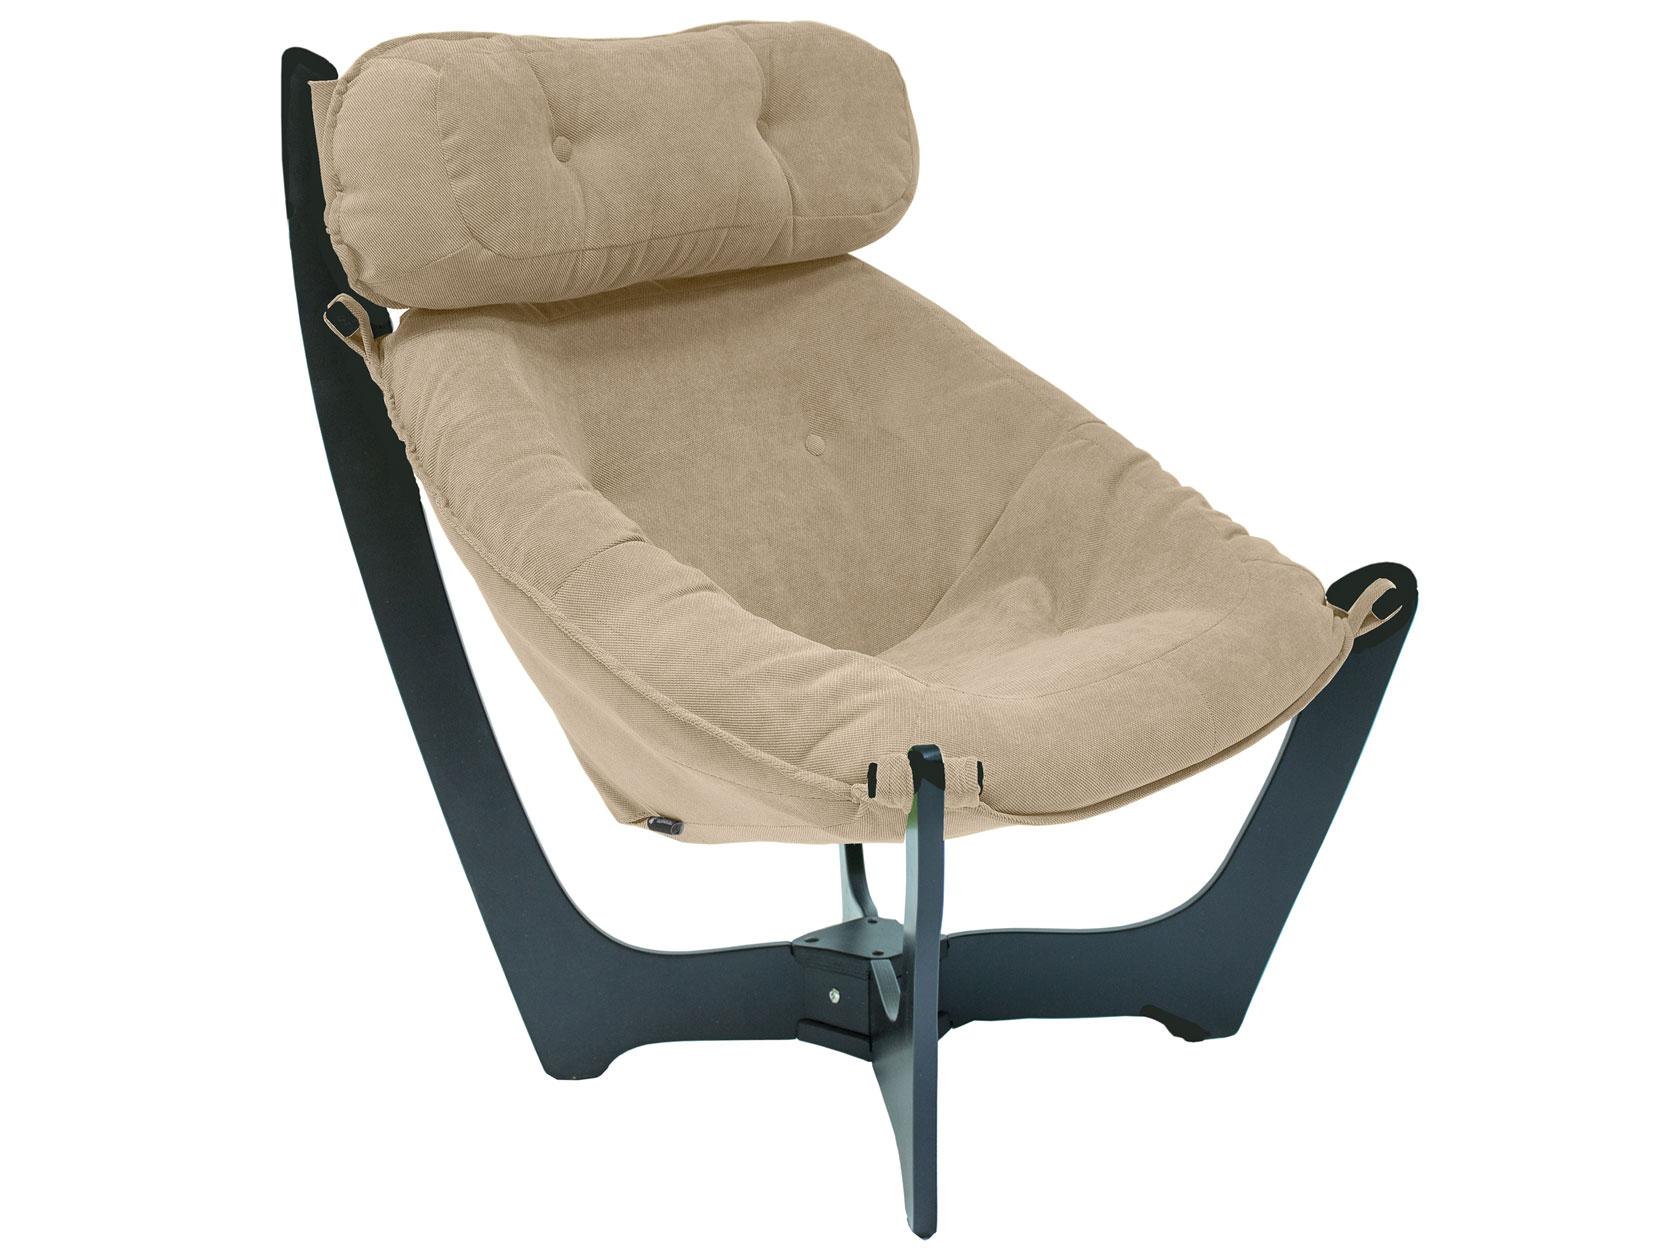 Кресло Мебель Импэкс Кресло для отдыха Комфорт Модель 11 Венге, Verona Vanilla, велюр